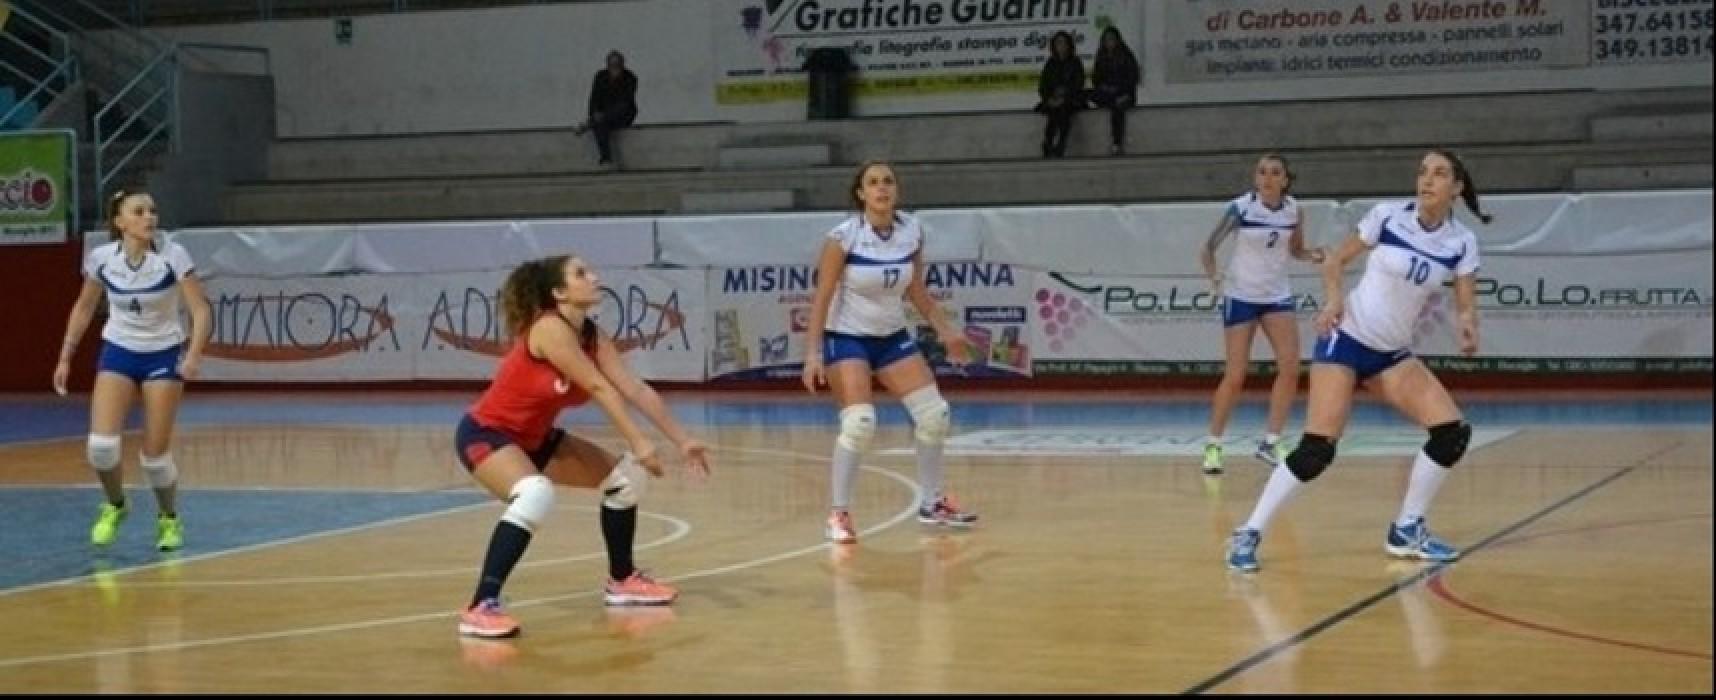 Sportilia ci mette il cuore, ma al Paladomen è 0-3!